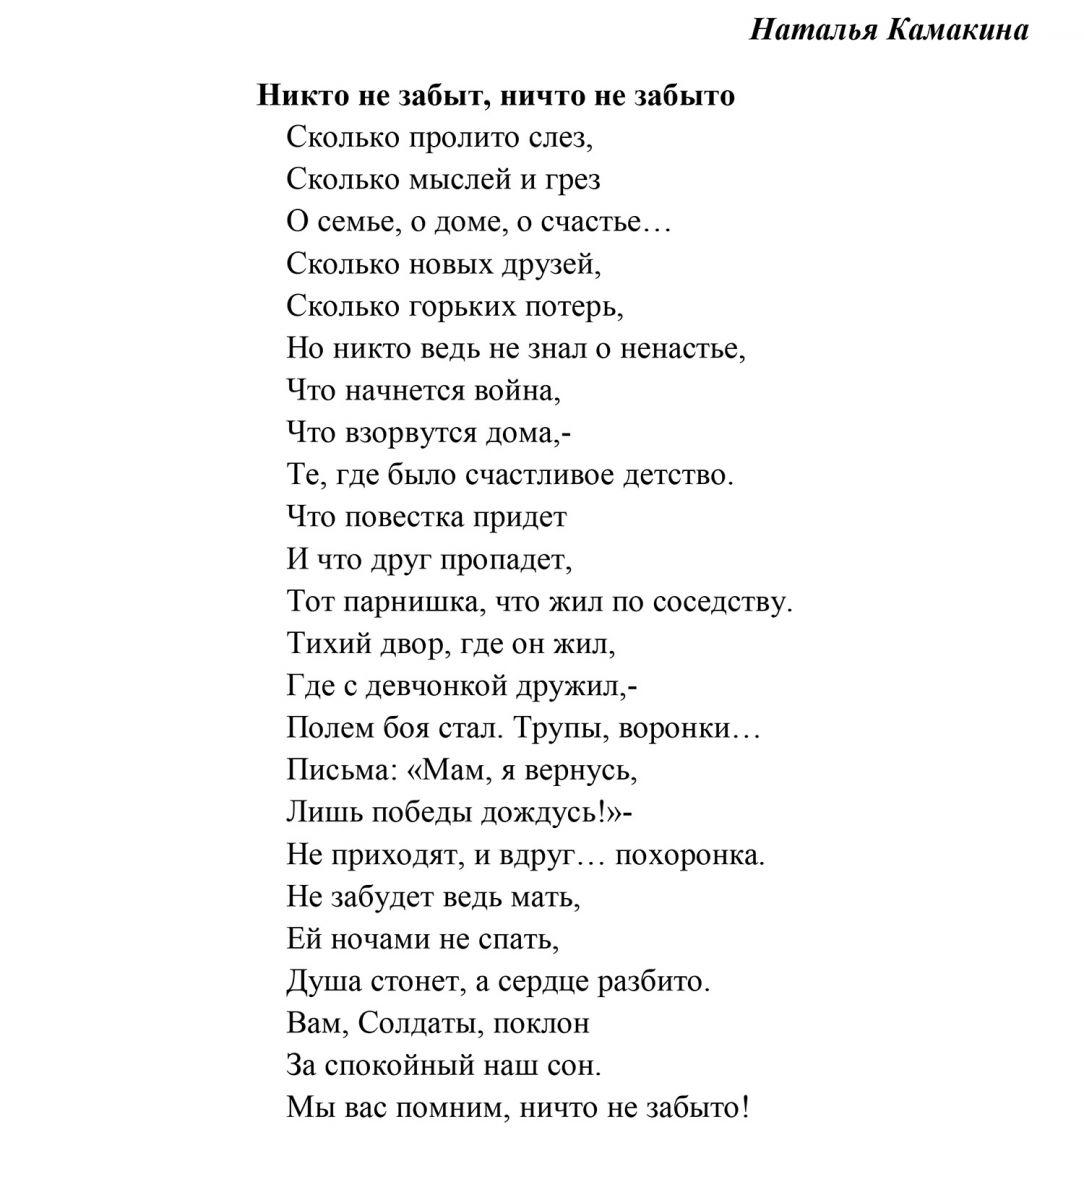 Стих никто не забыт ничто